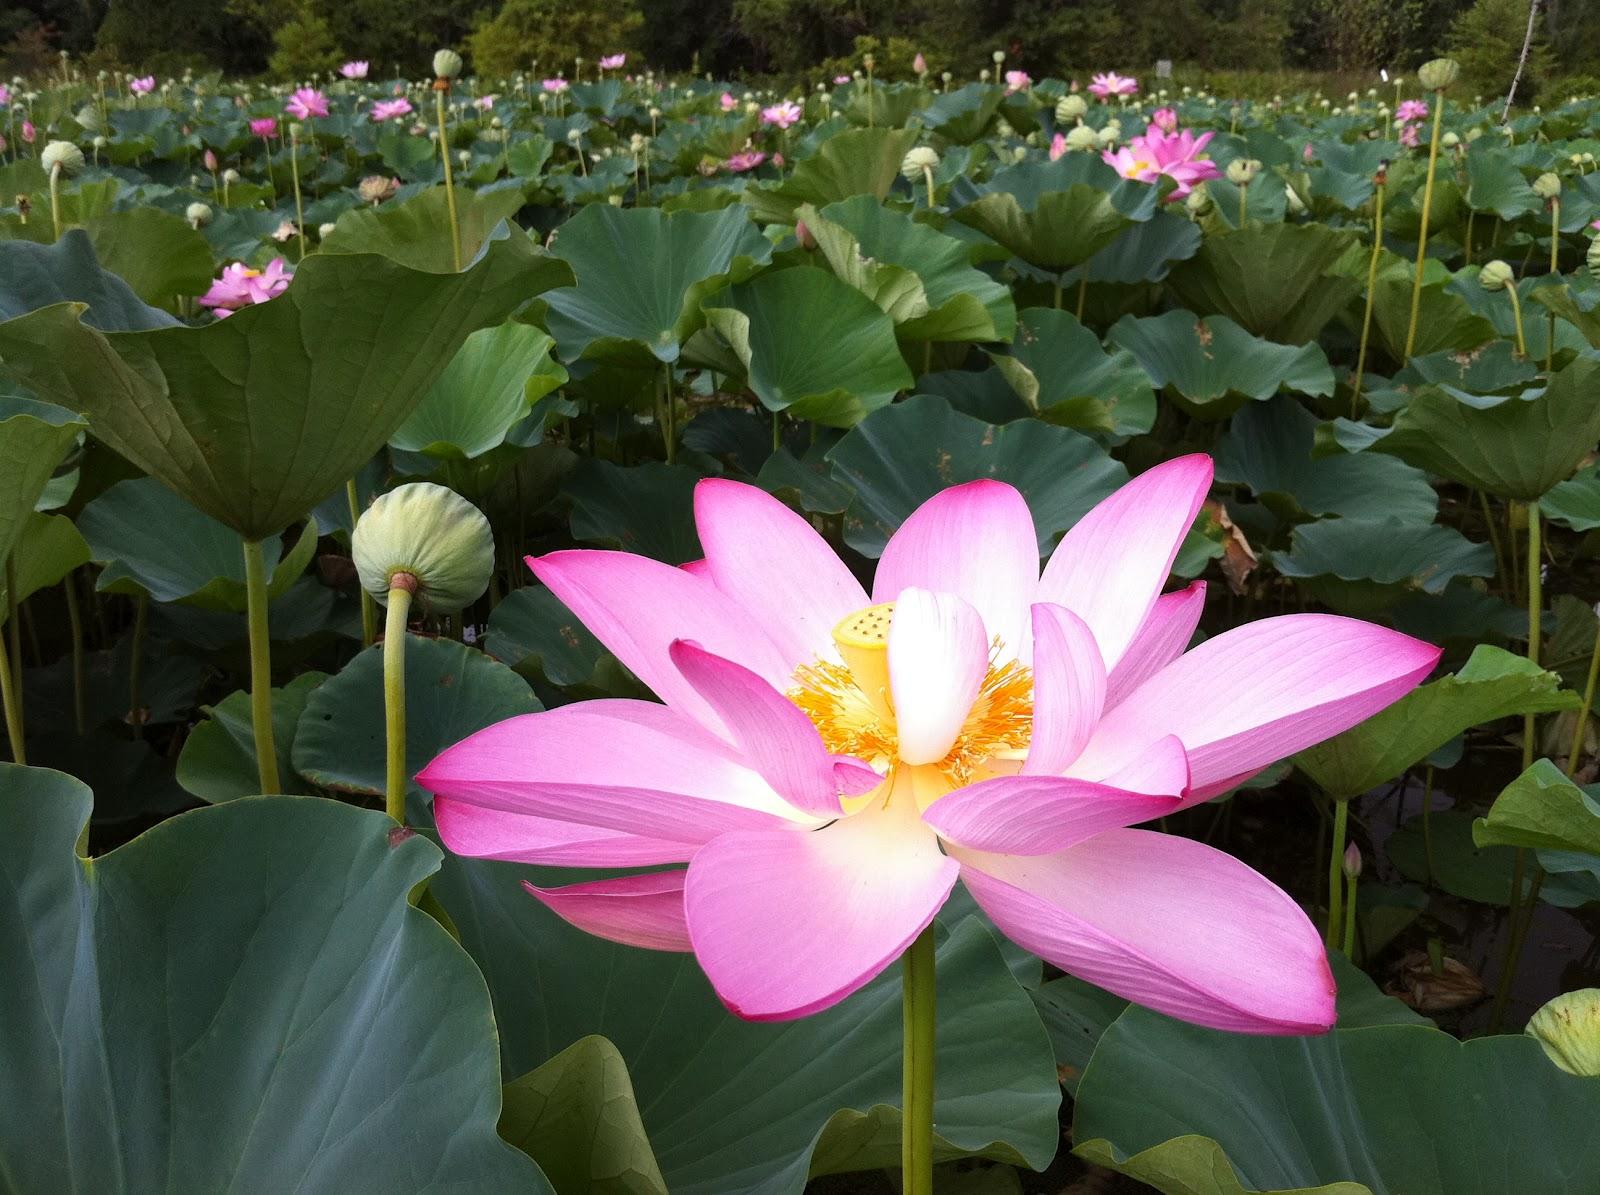 Hình ảnh những bông hoa sen thi nhau khoe sắc thắm